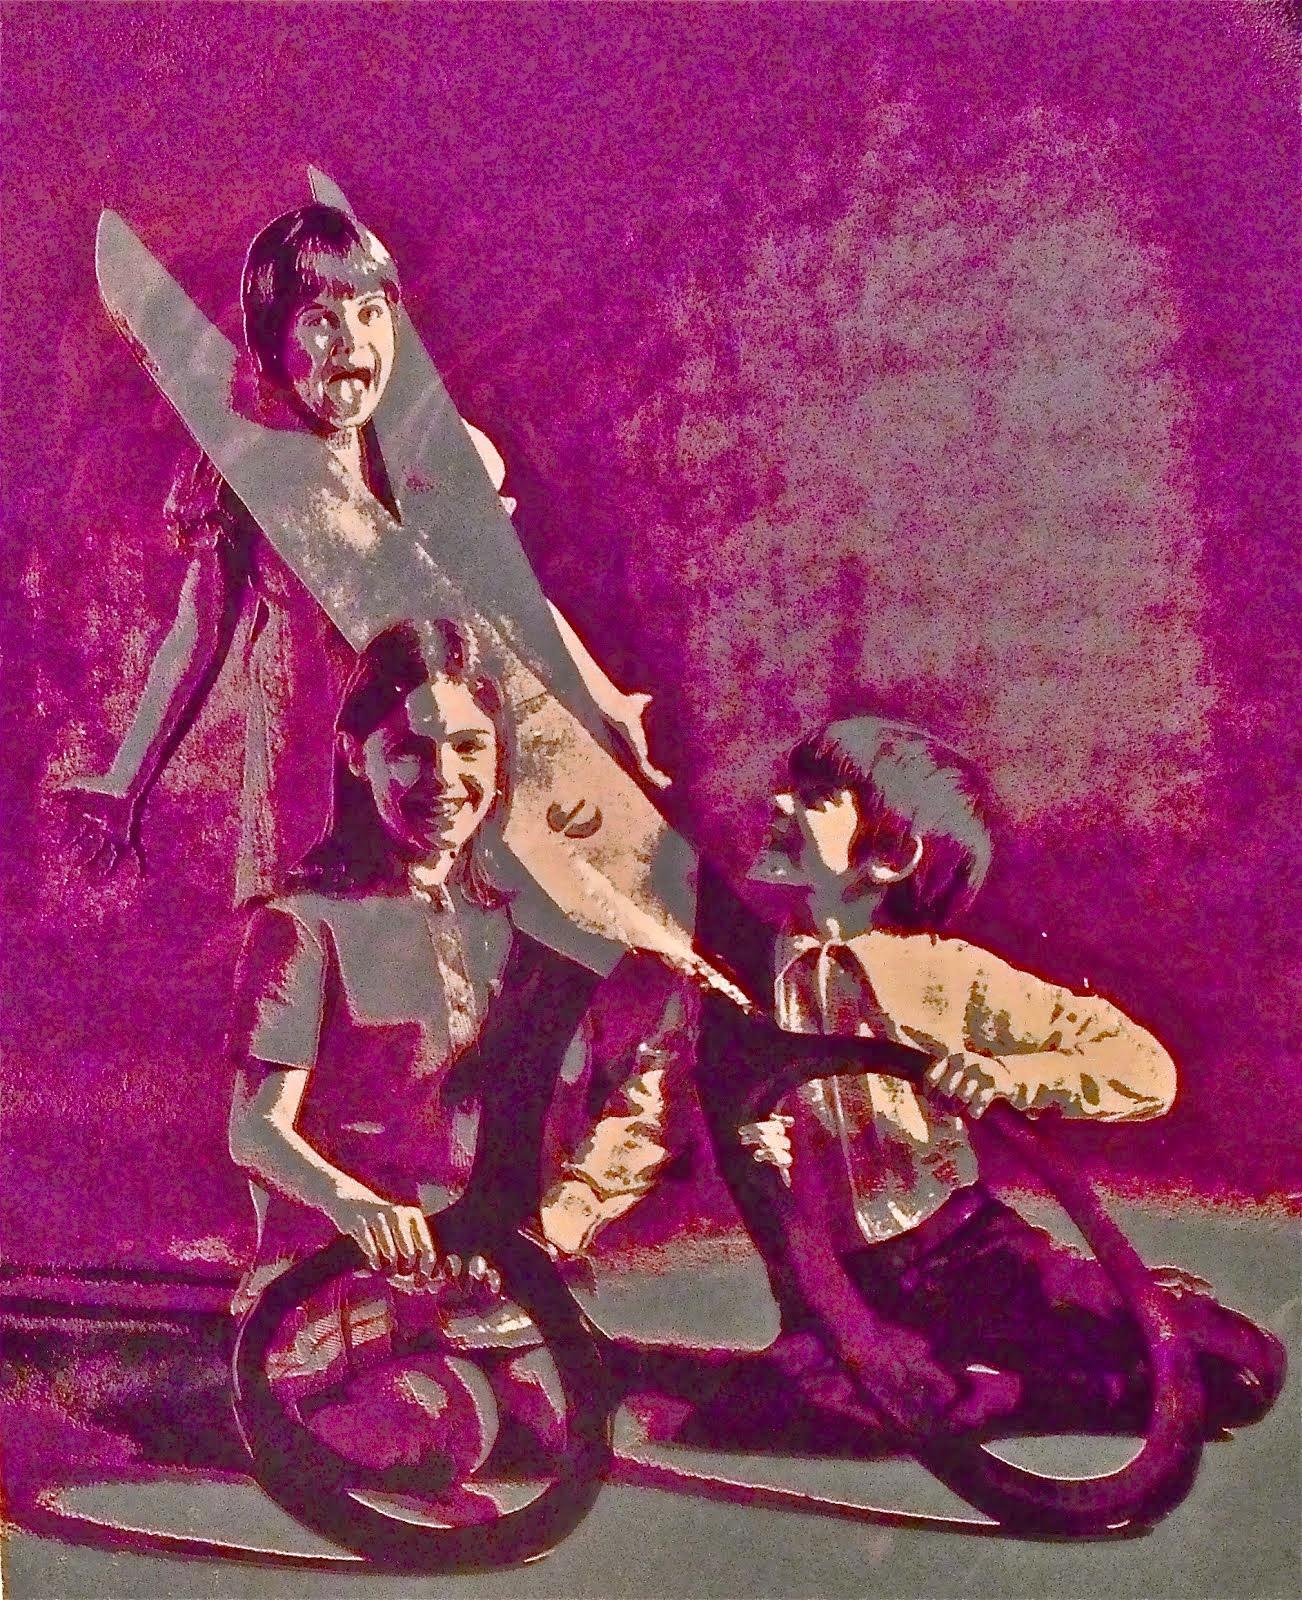 Baader, Ensslin und die Zwergwerfer. Phantastisch-pilosophische Moritat